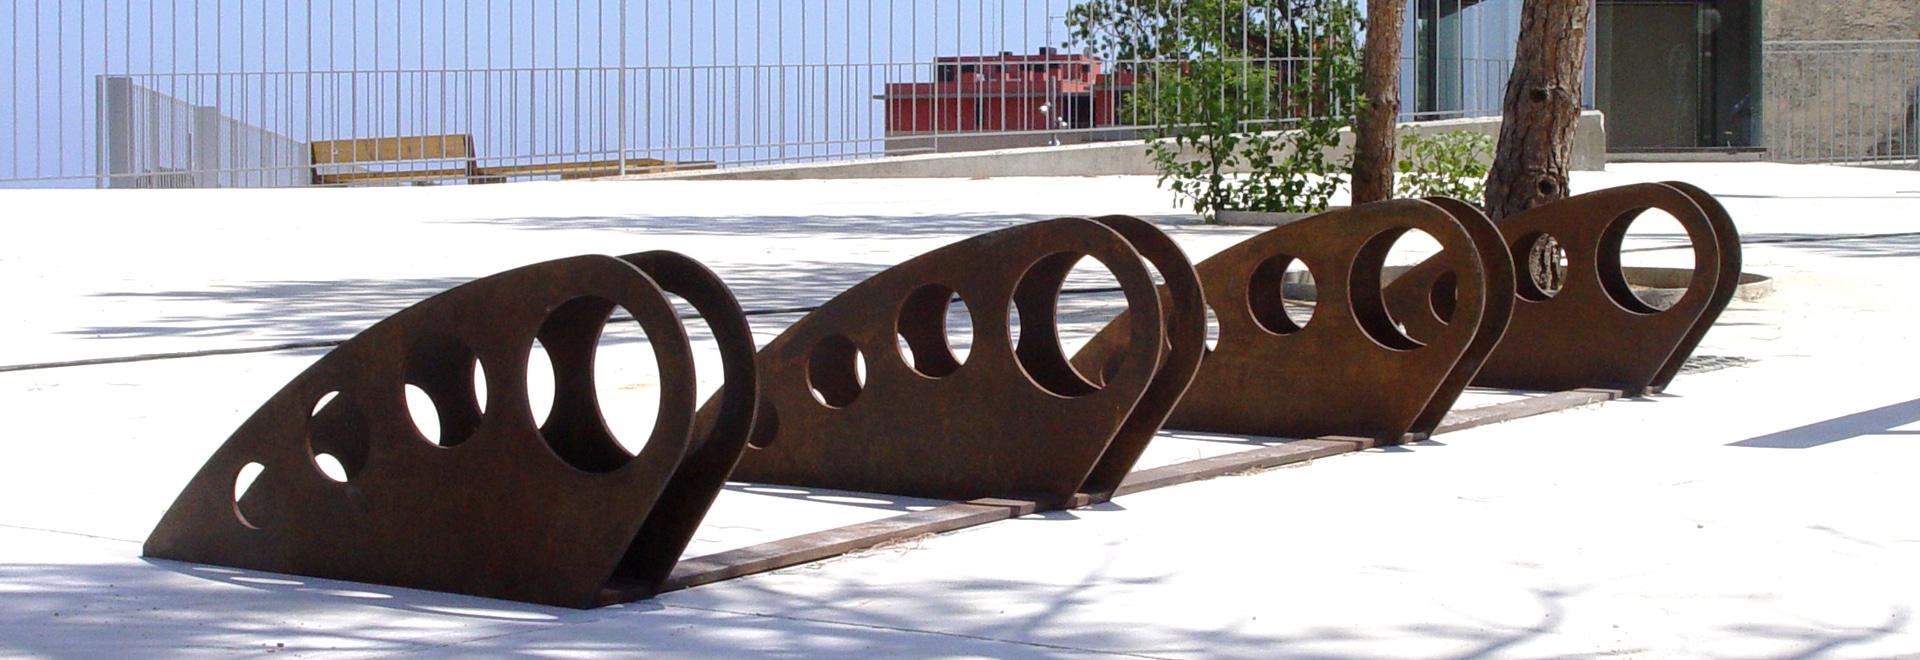 Entwurfsfahrradparken in Corten-Stahl.